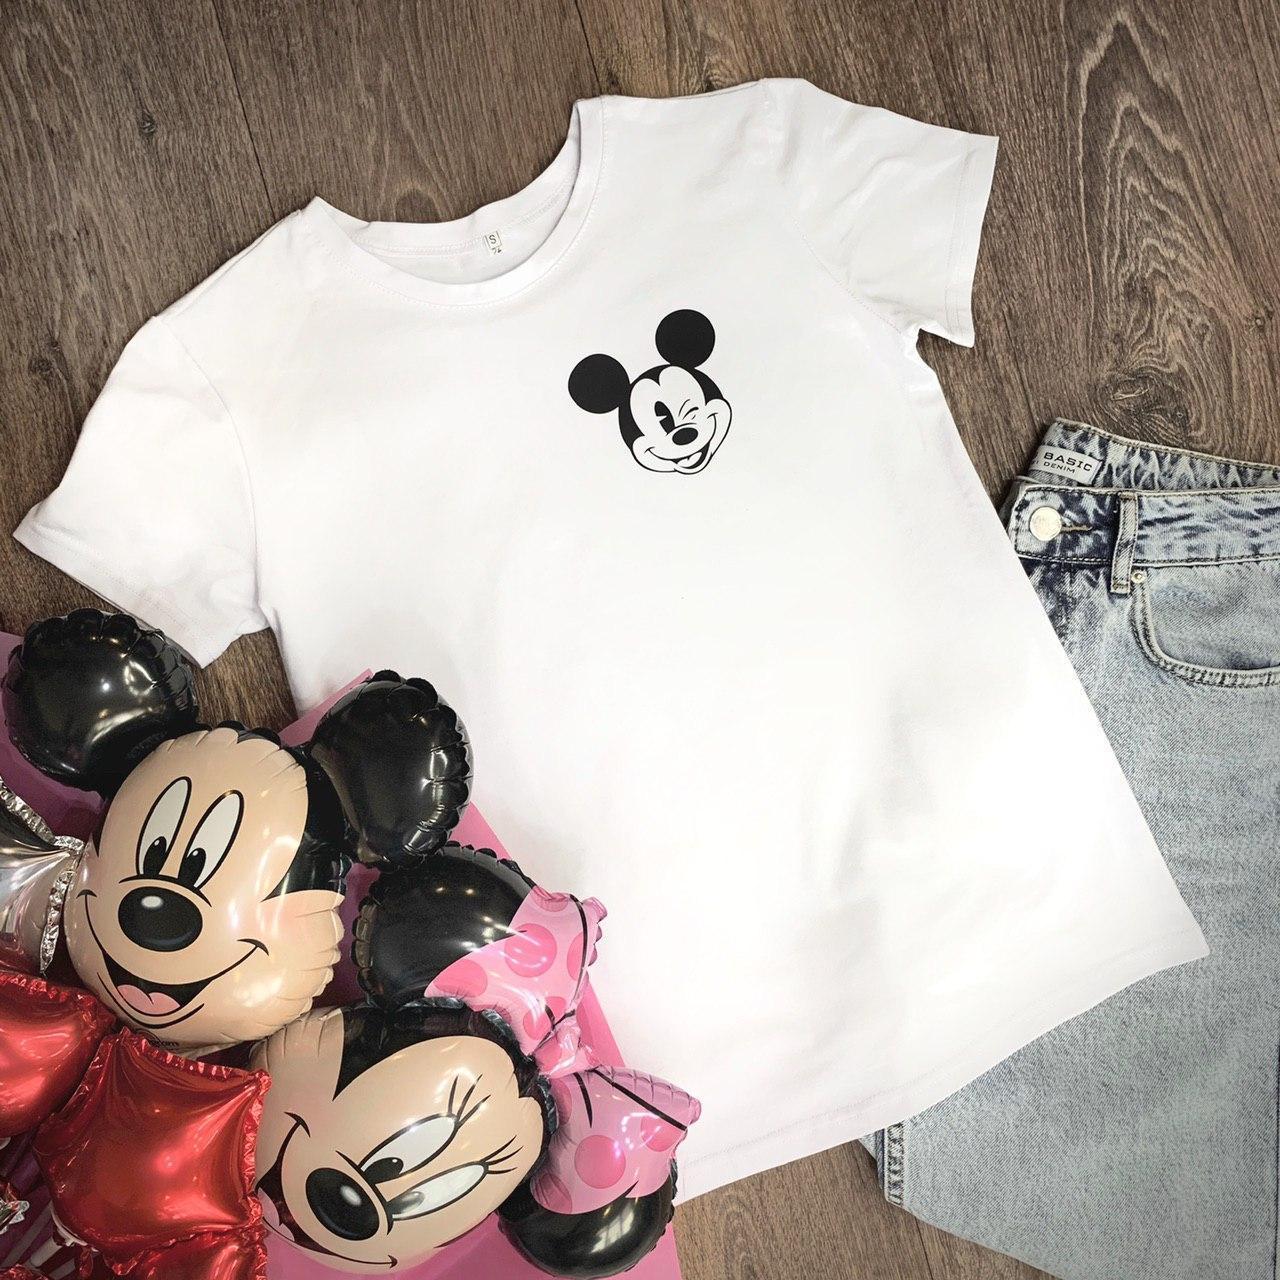 Футболка Женская хлопок белая с принтом Mickey Mouse микки маус